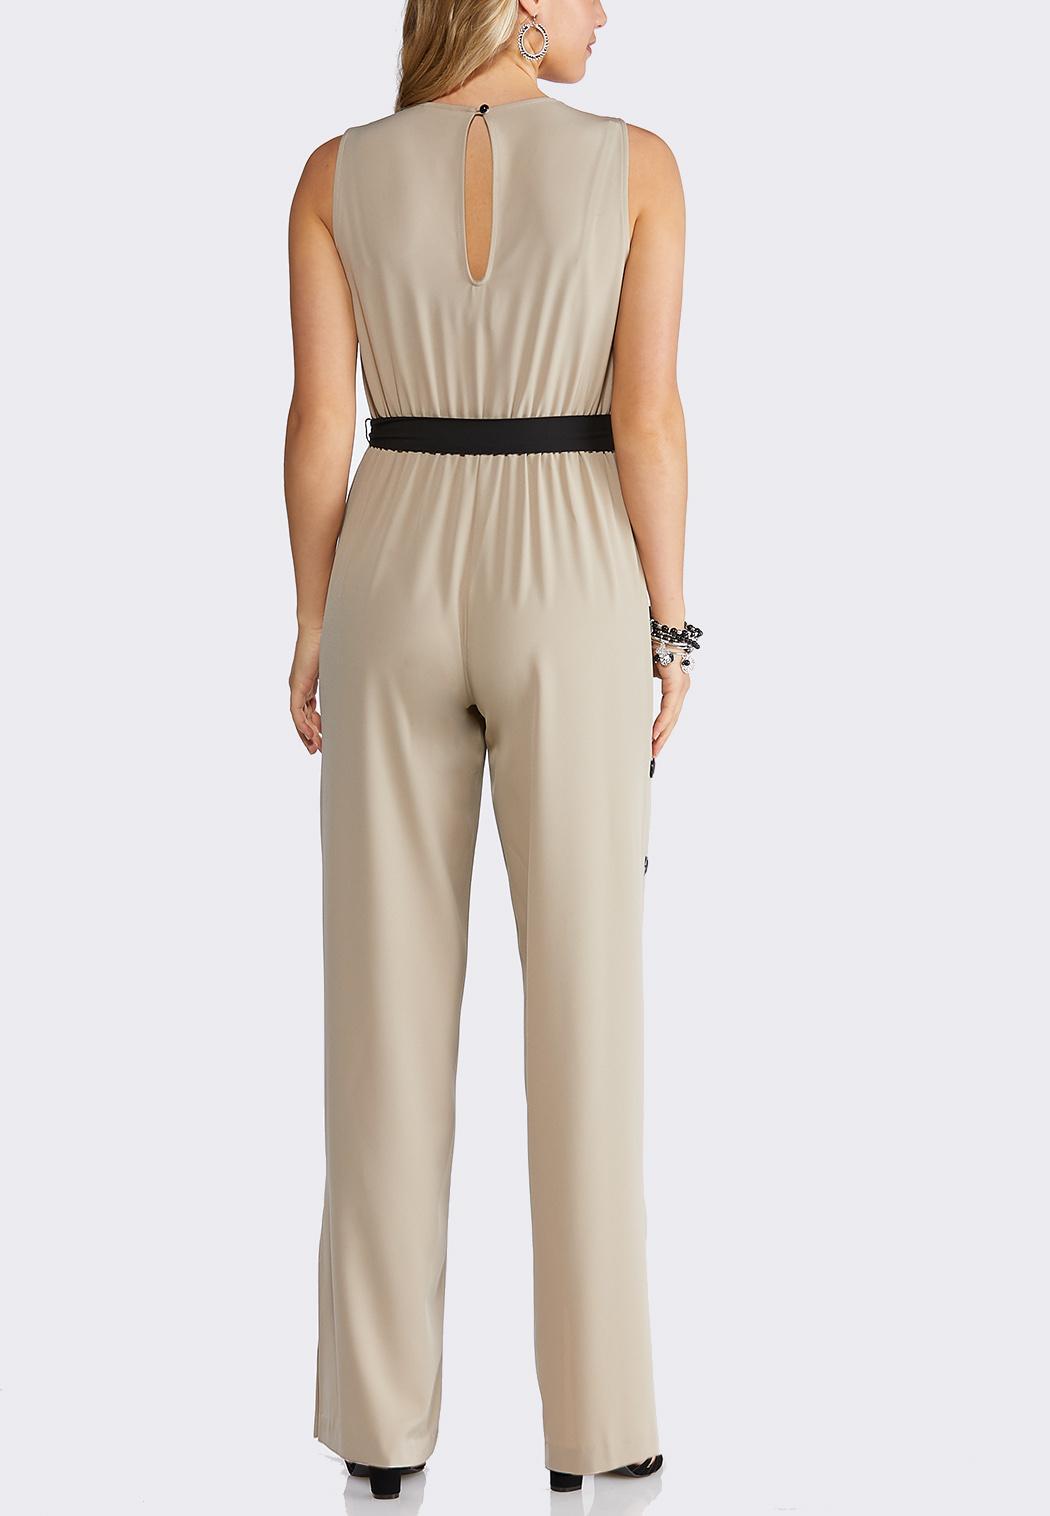 8716ef4d96f Plus Size Button Pant Jumpsuit Jumpsuits Cato Fashions